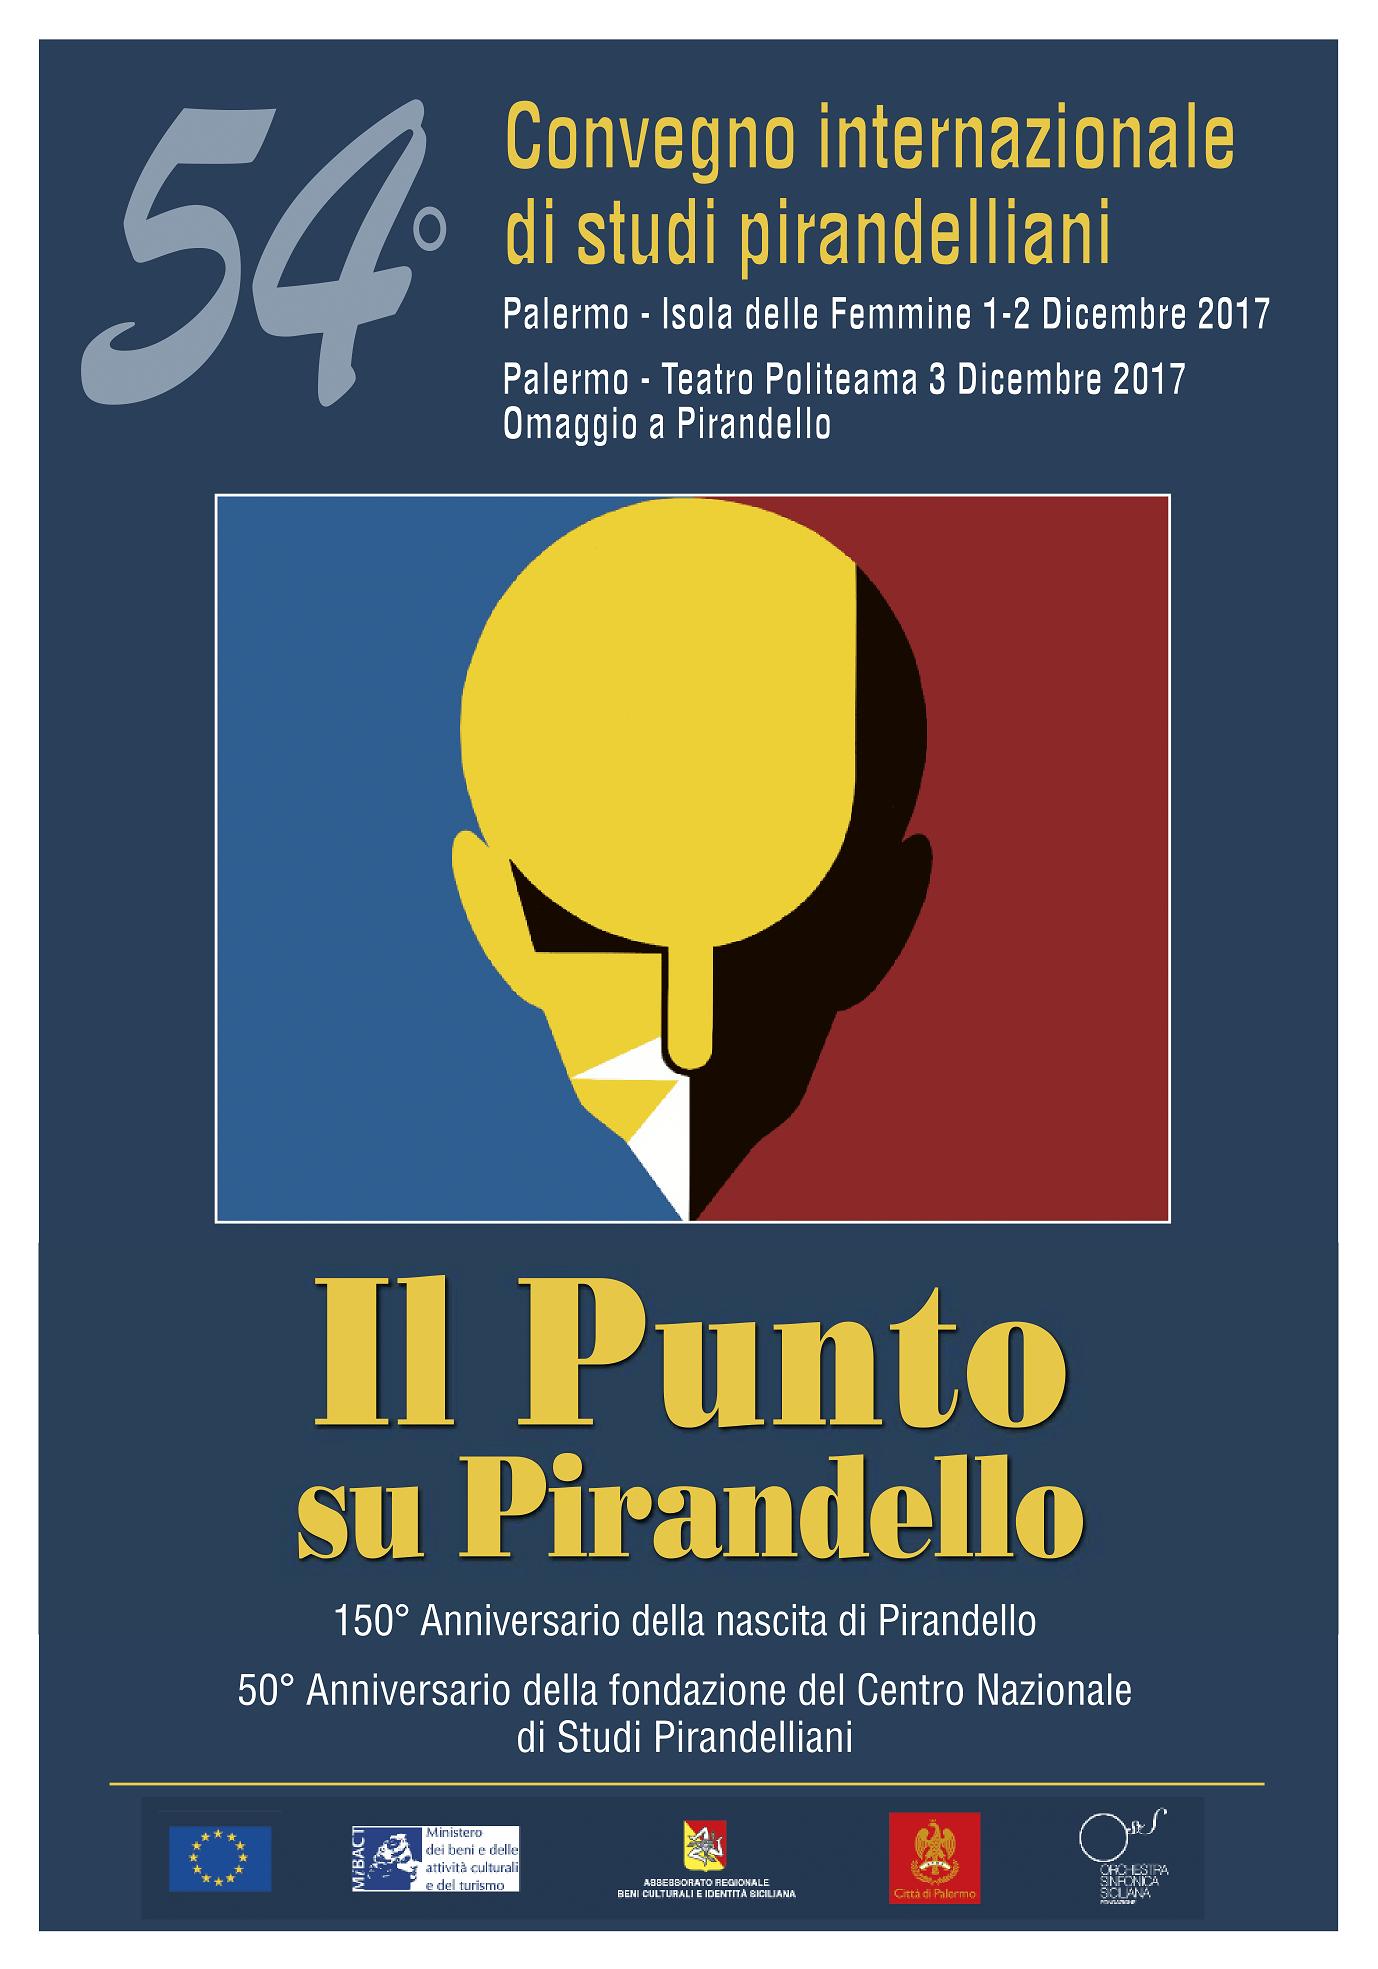 Locandina 54 Convegno Internazionale di Studi Pirandelliani